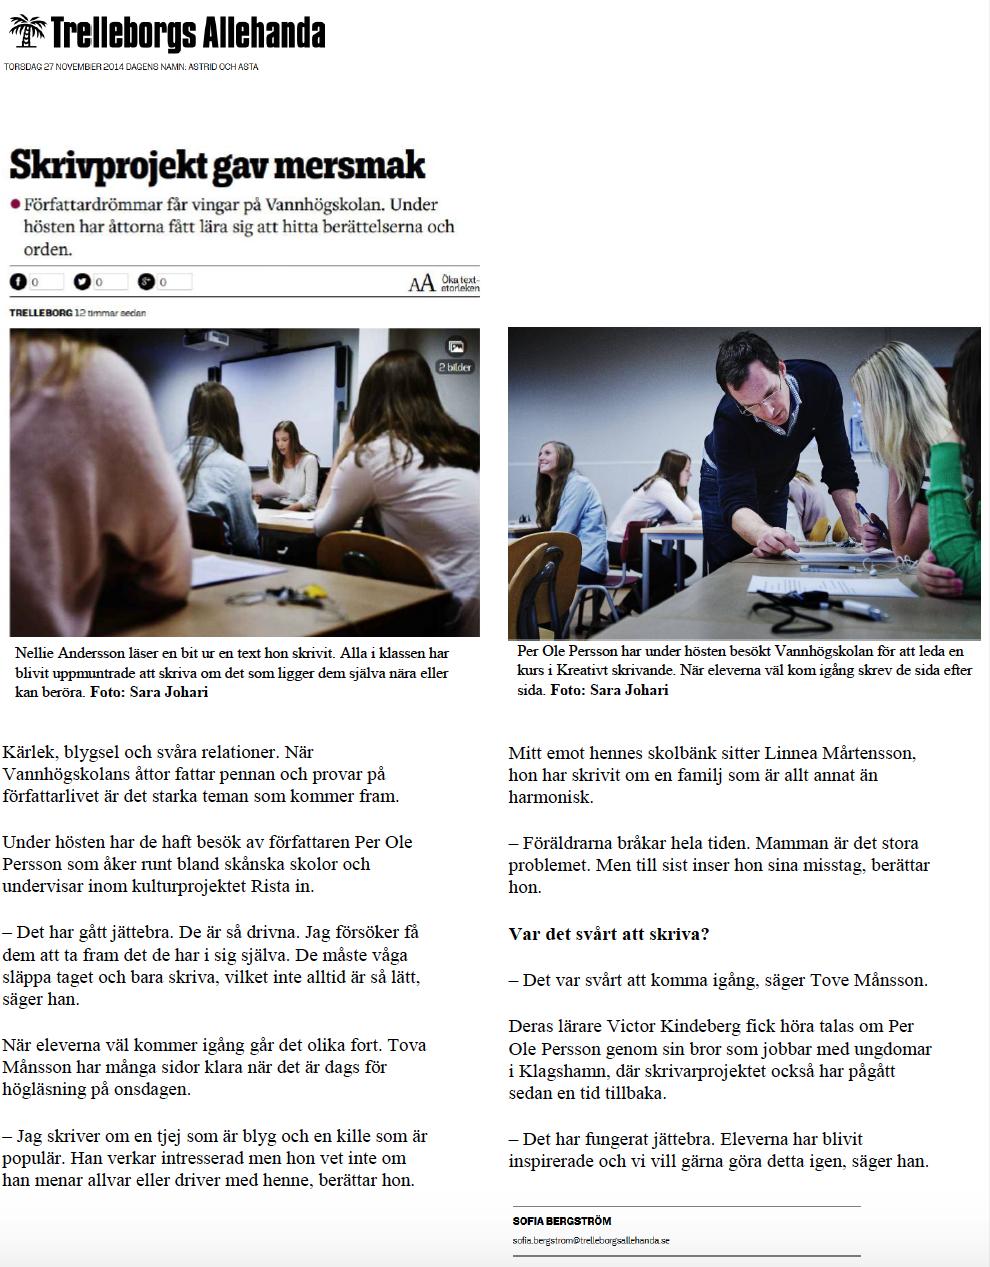 Artikel skrivgrupp - Trelleborgs Allehanda